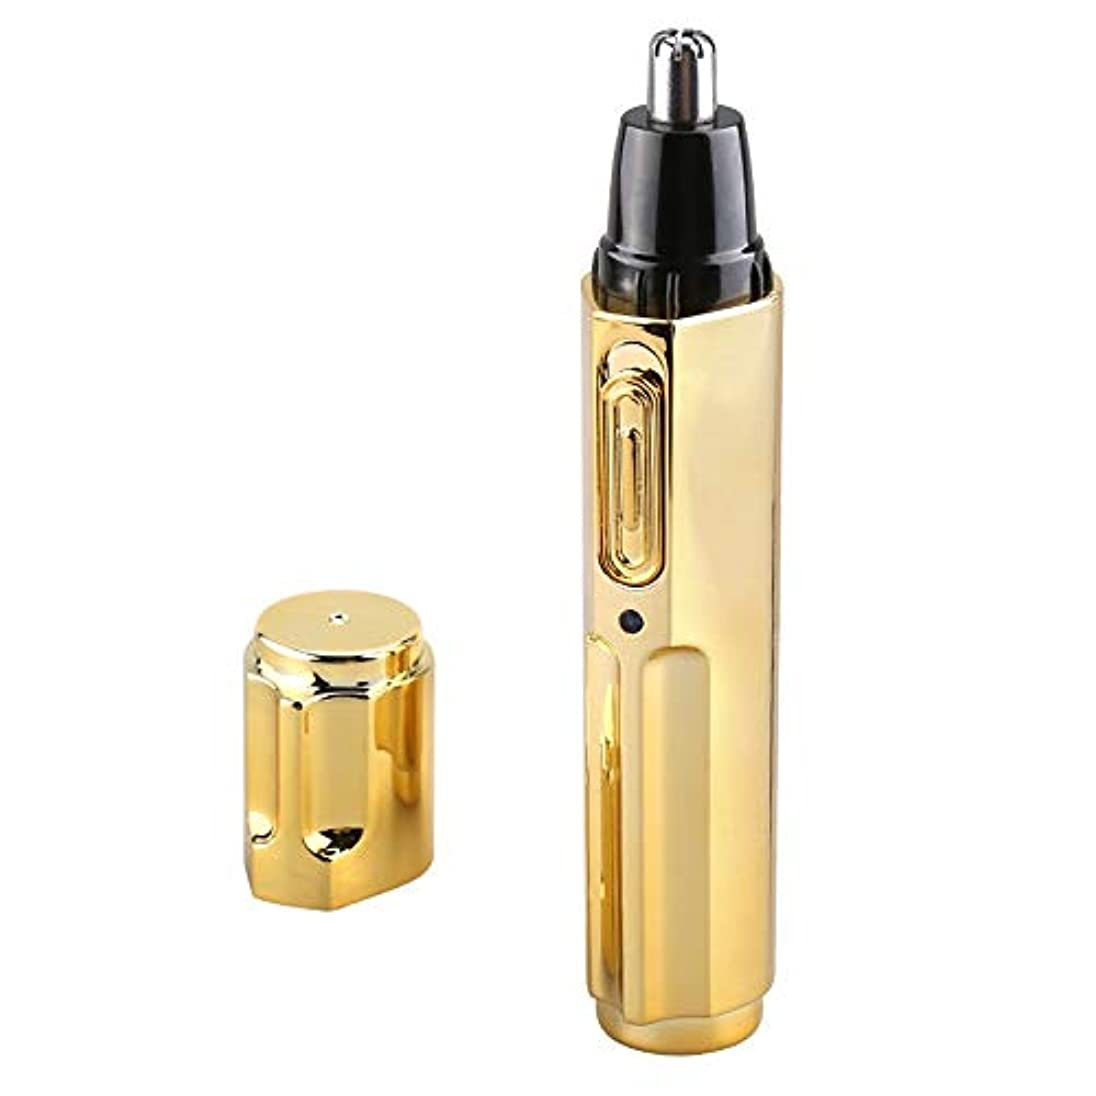 バター相手畝間鼻毛トリマー/充電式電動鼻毛トリマー/鼻孔クリーナー/ 13 * 2.8cm 持つ価値があります